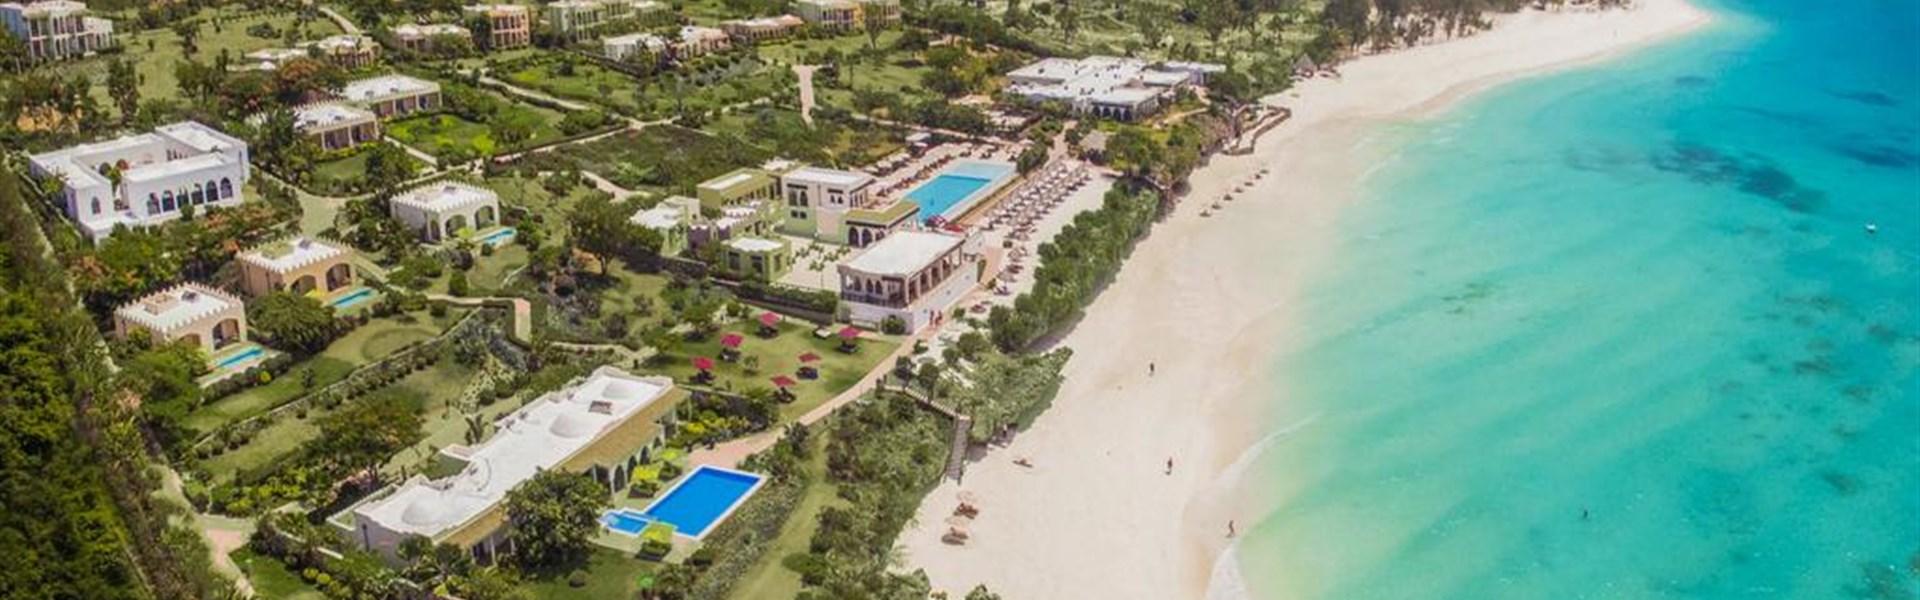 Marco Polo - Riu Palace Zanzibar -